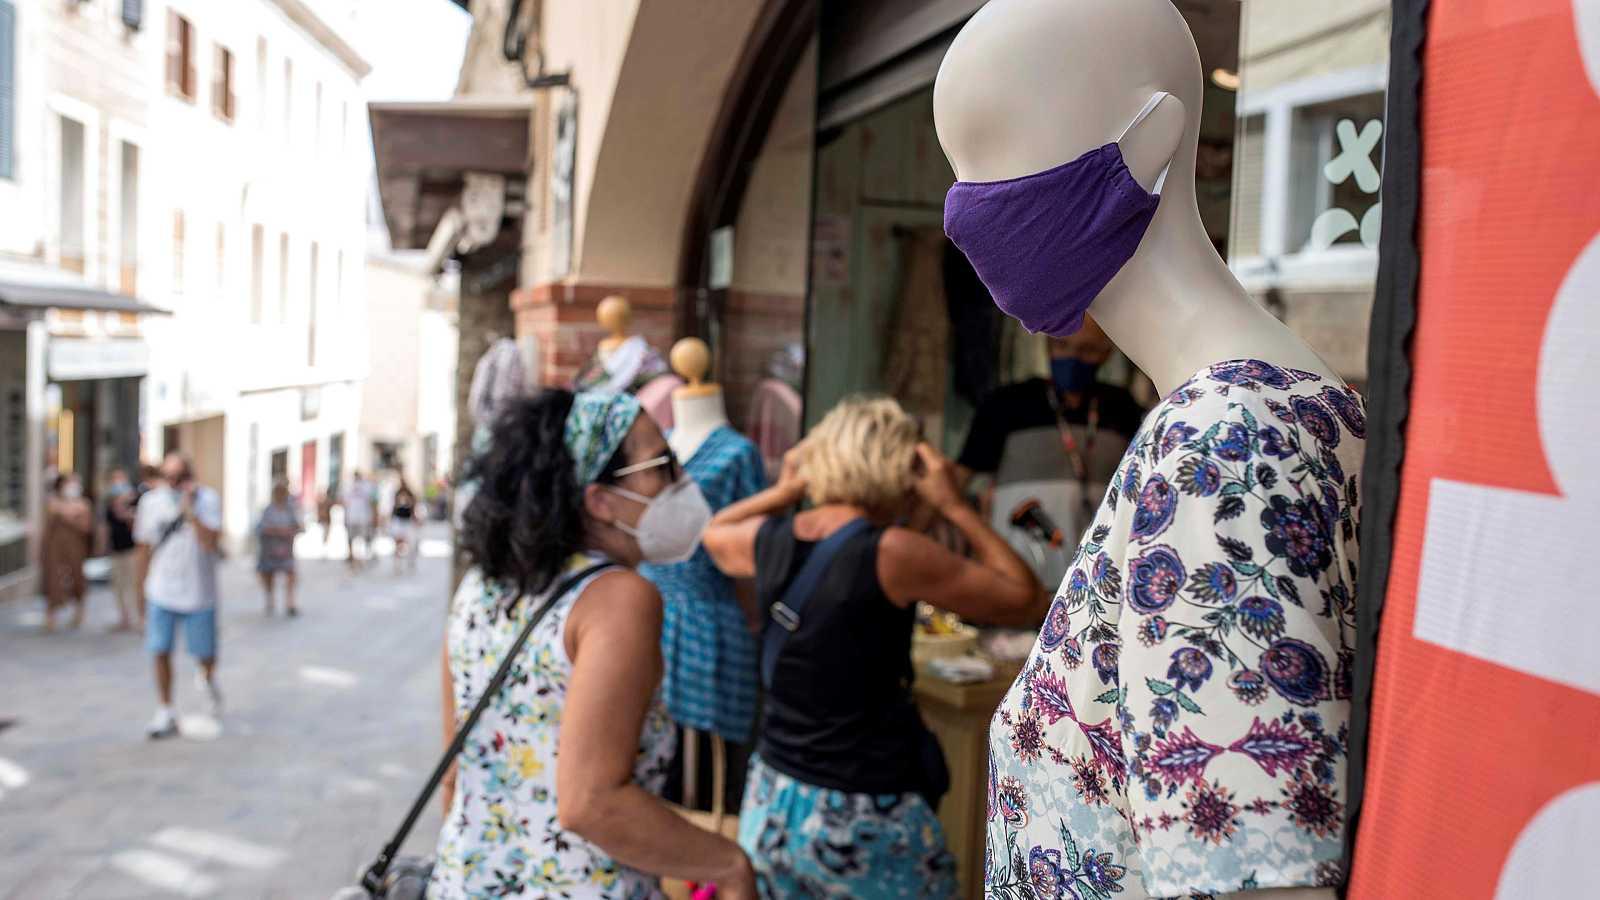 Aragón se suma a otras comunidades en el uso permanente de la mascarilla, como Cataluña, Baleares y Extremadura.